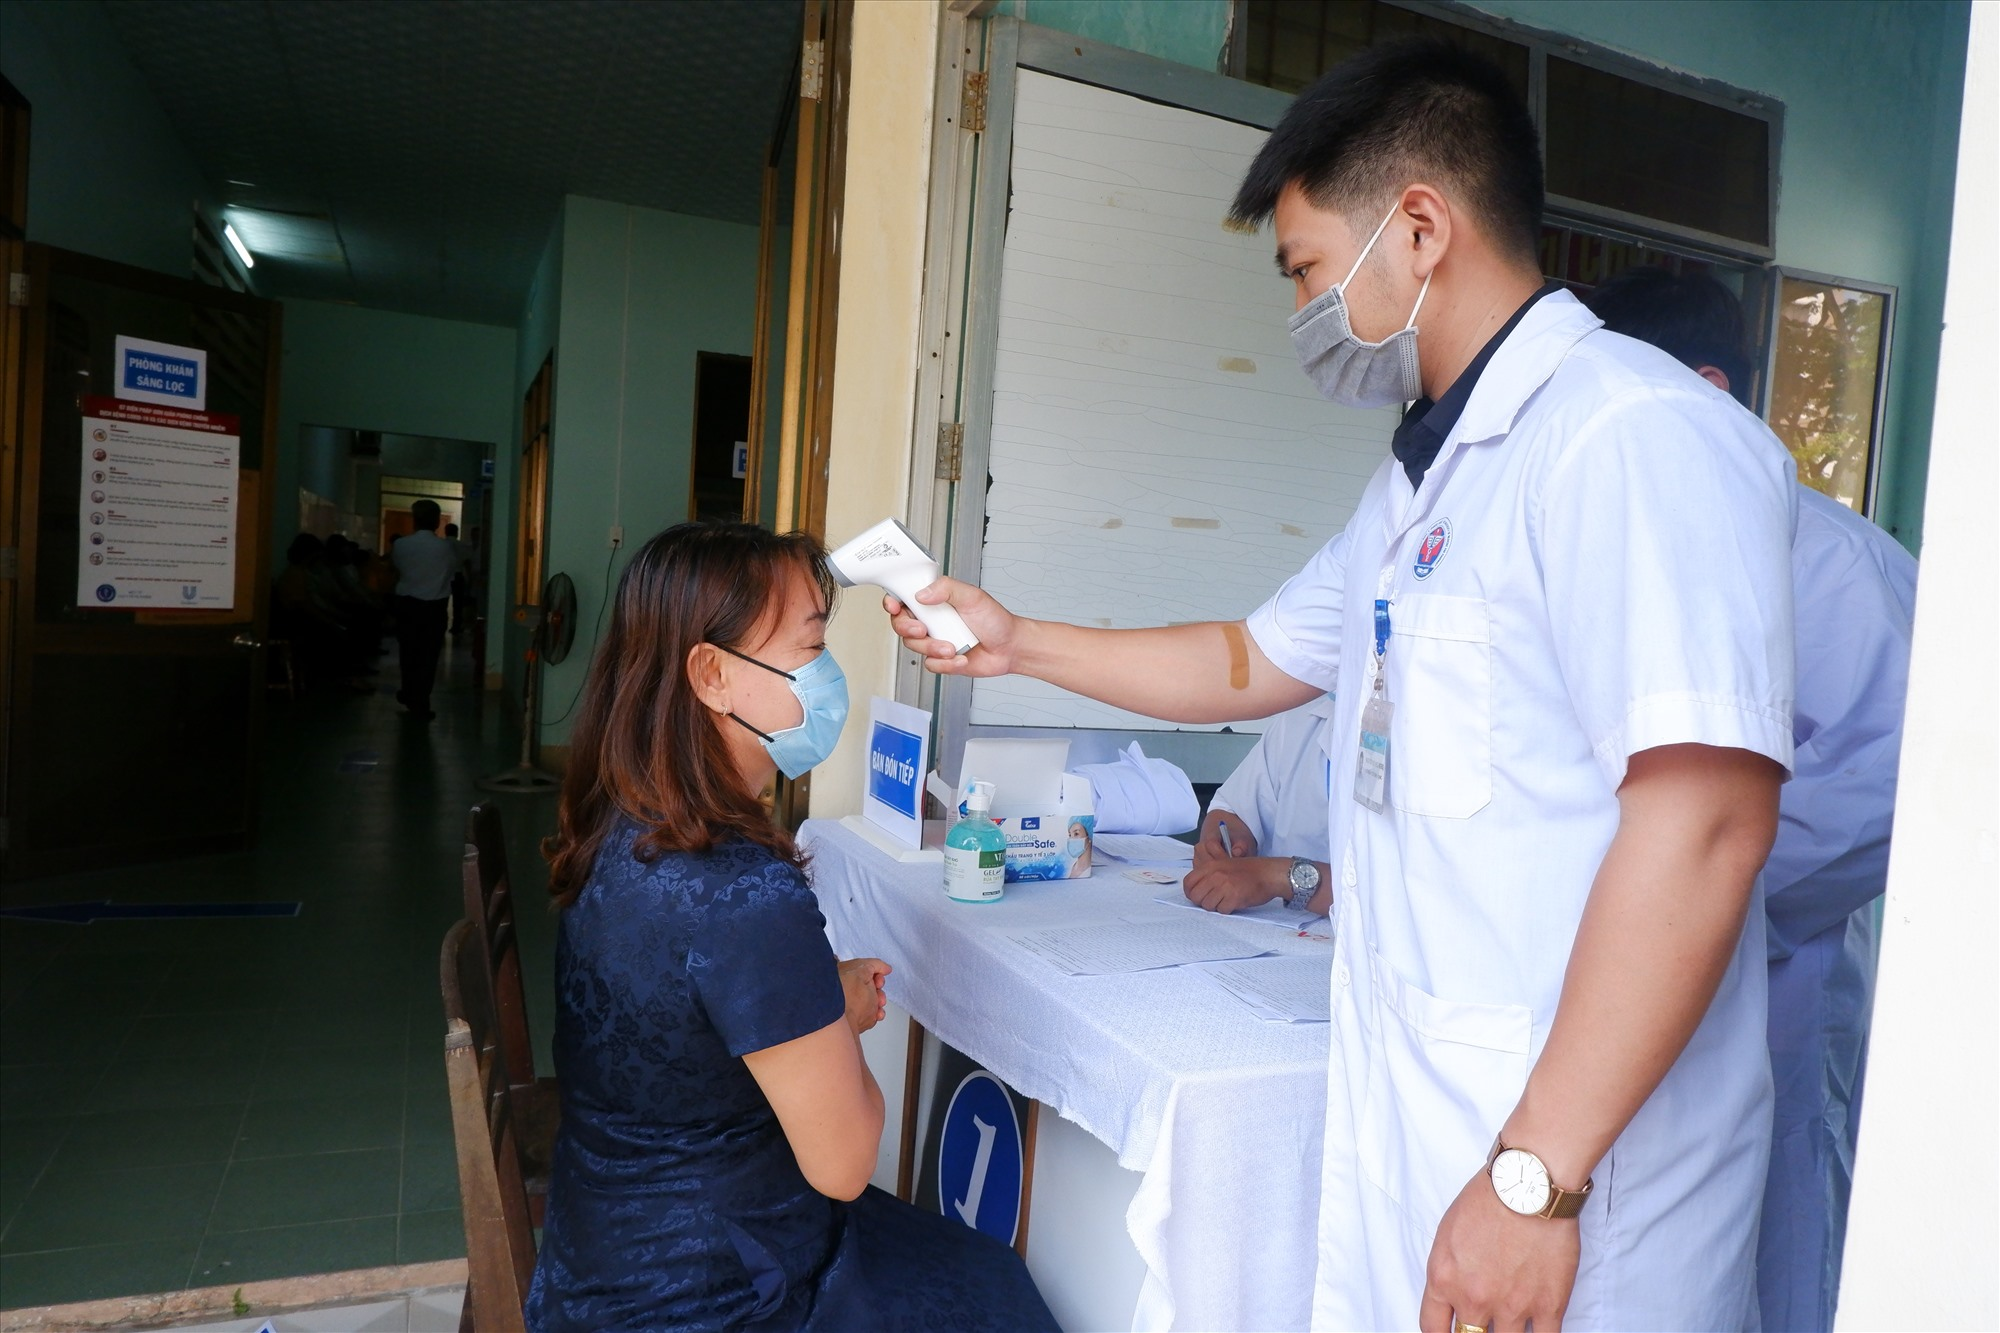 Việc tiêm chủng vắc-xin ngừa Covid-19 sẽ được thực hiện theo thứ tự các quy trình đăng ký - tư vấn - khám - tiêm và theo dõi sau tiêm. Anh: X.H